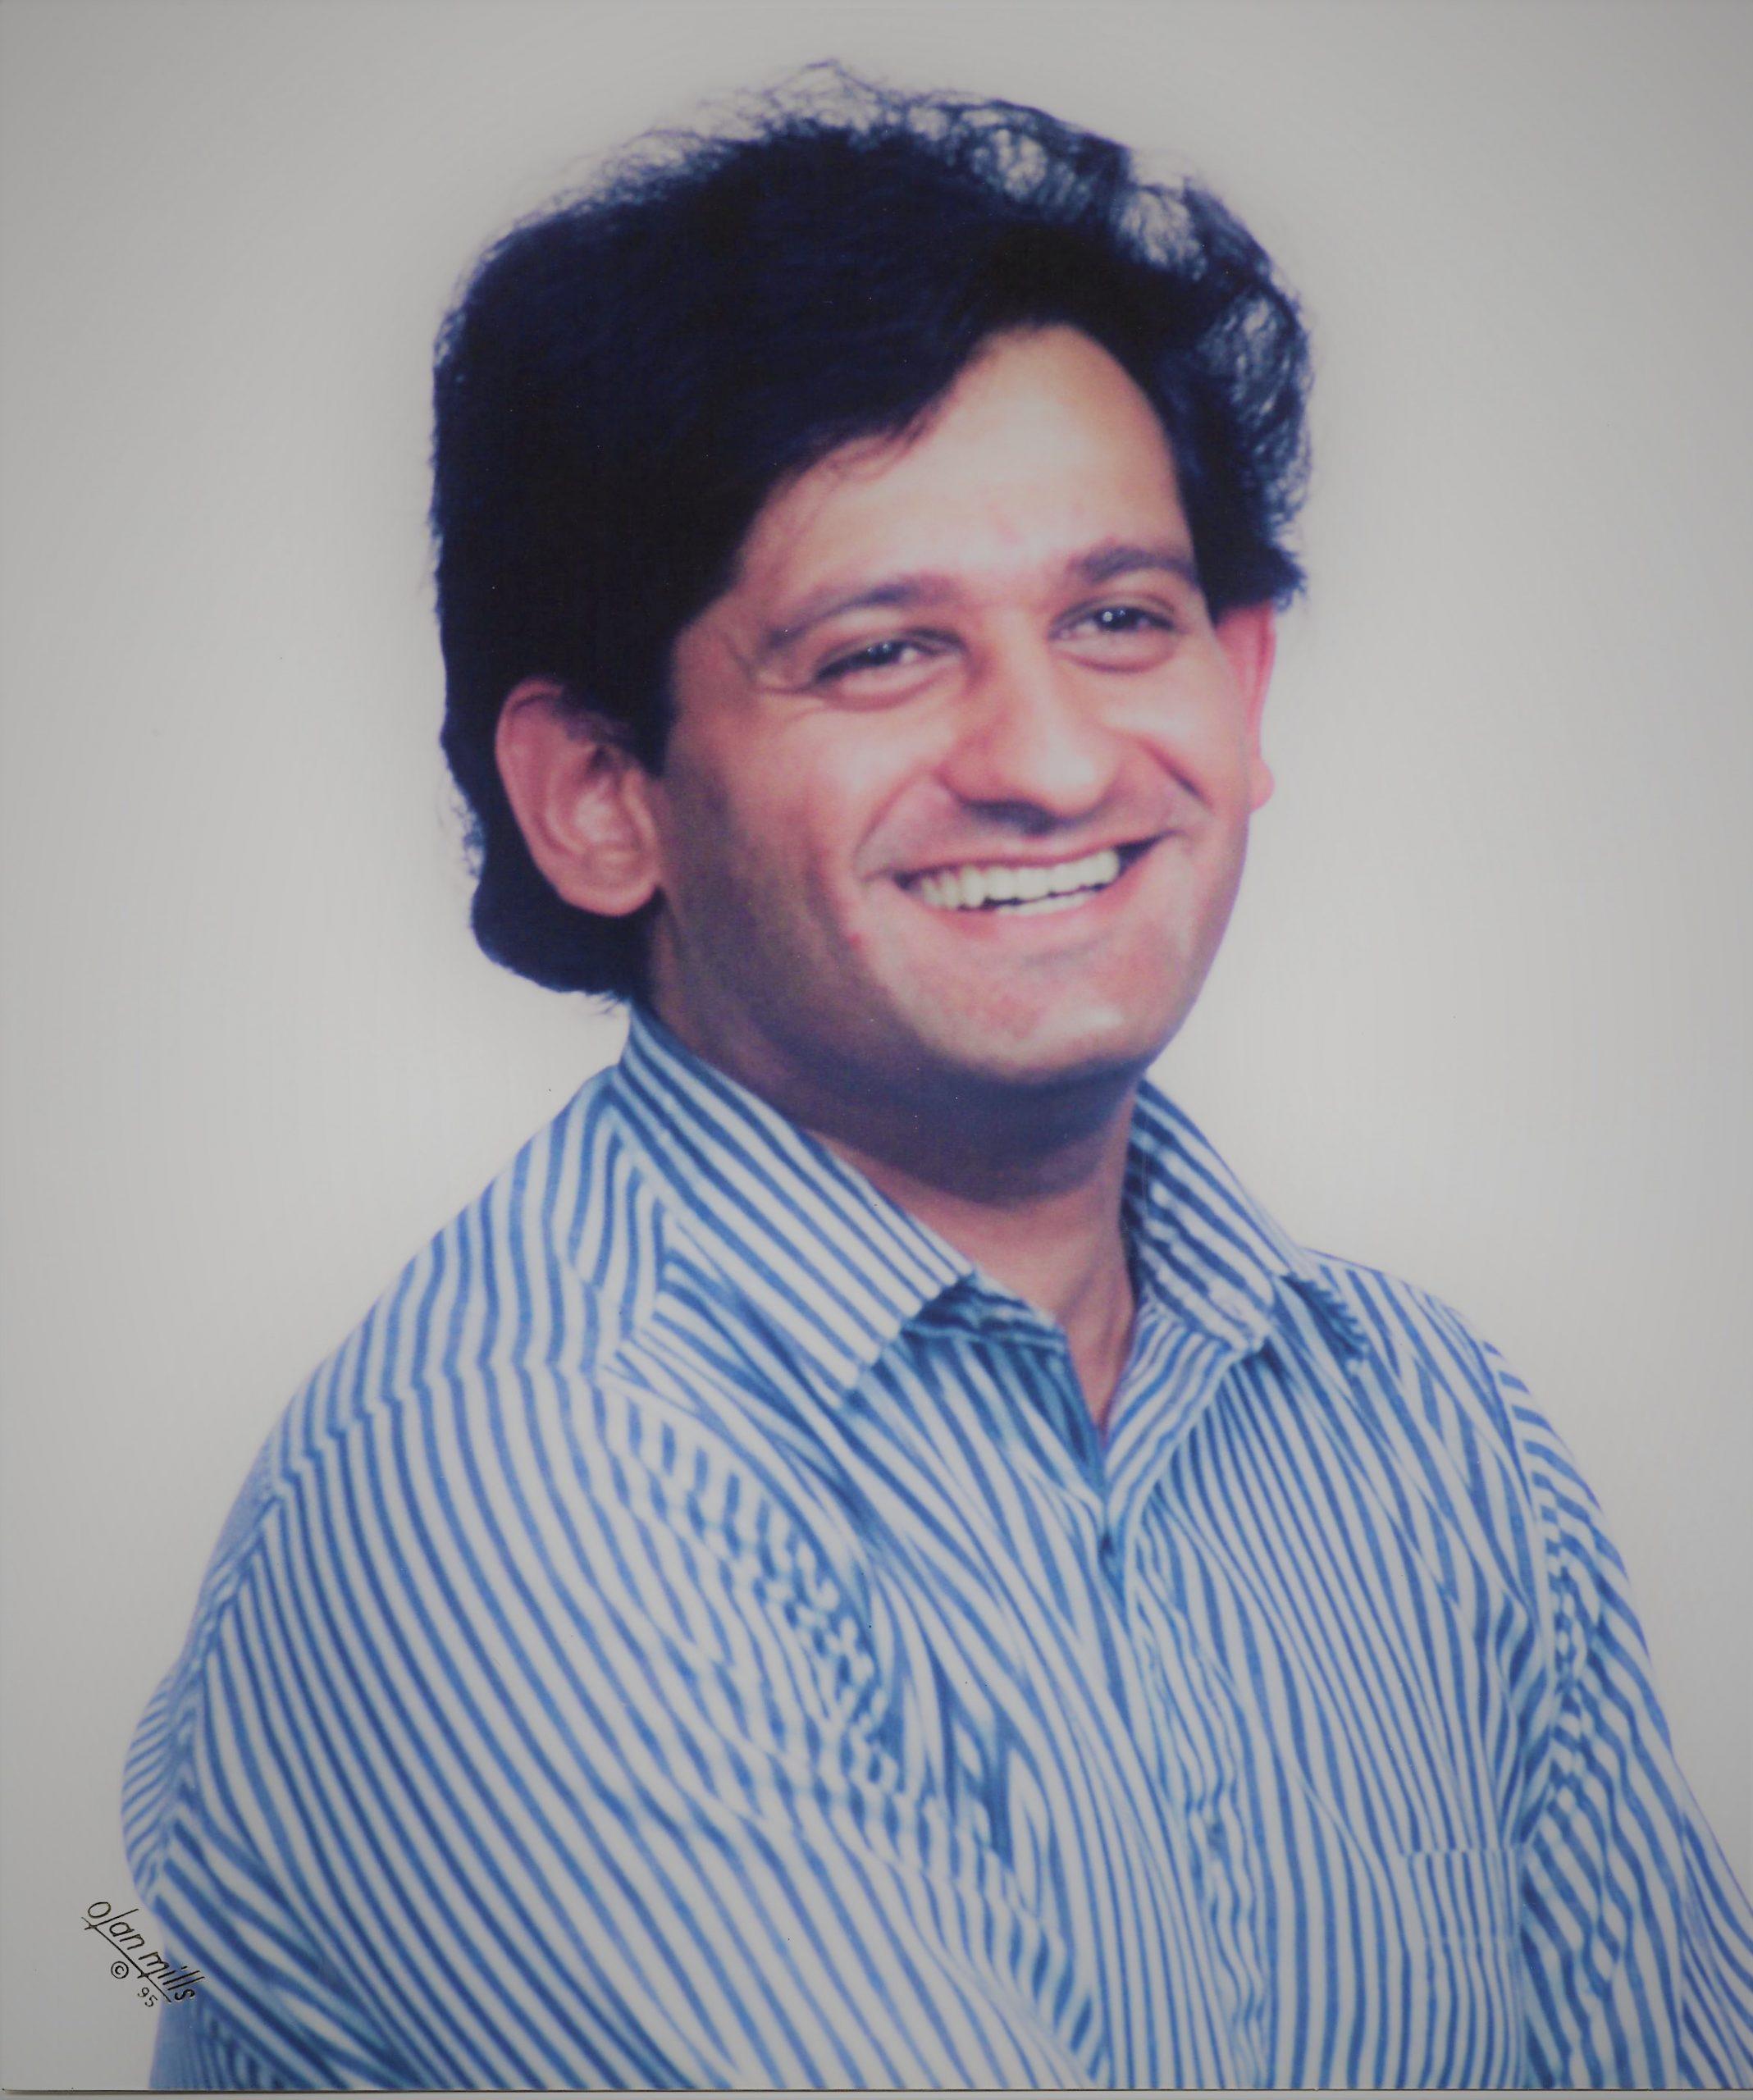 Sandeep Panwalker